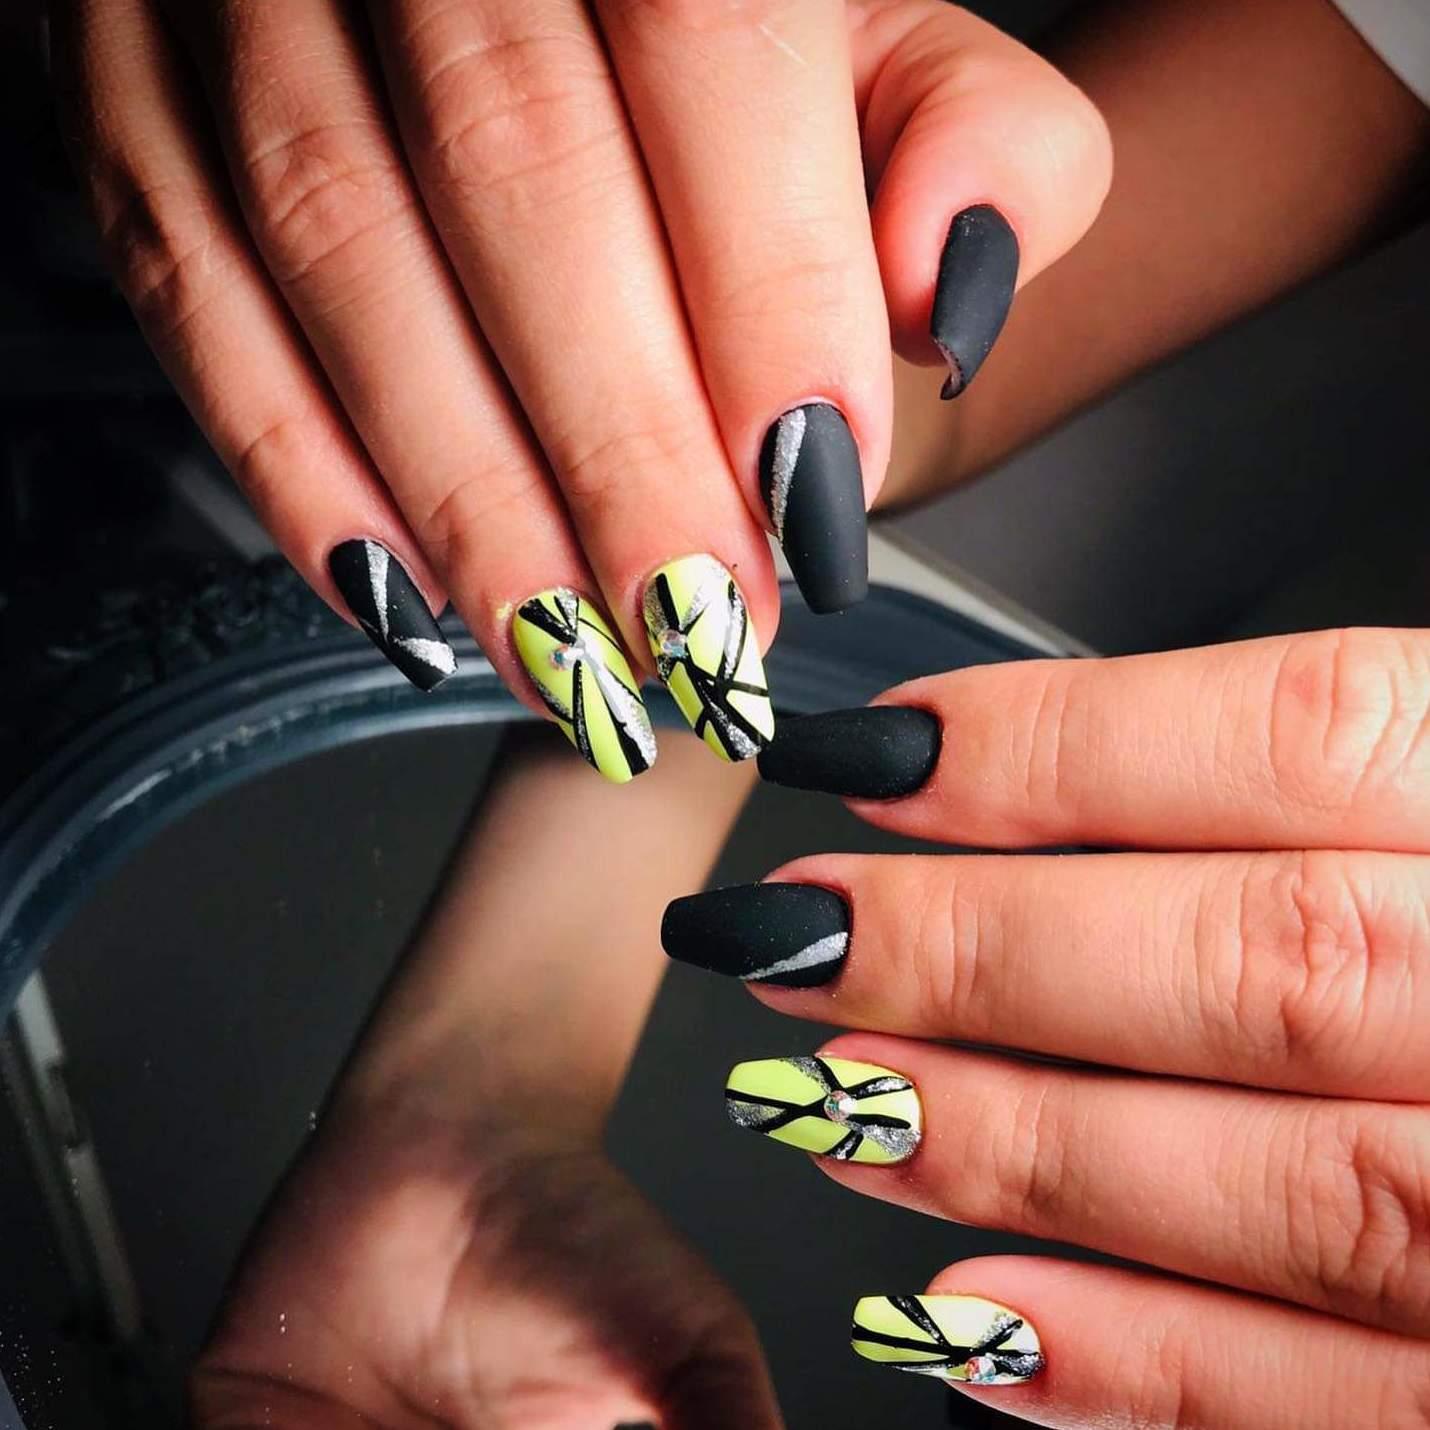 Uñas de gel decoradas. Khrystyna karasenko. especialista en el arte de la manicura